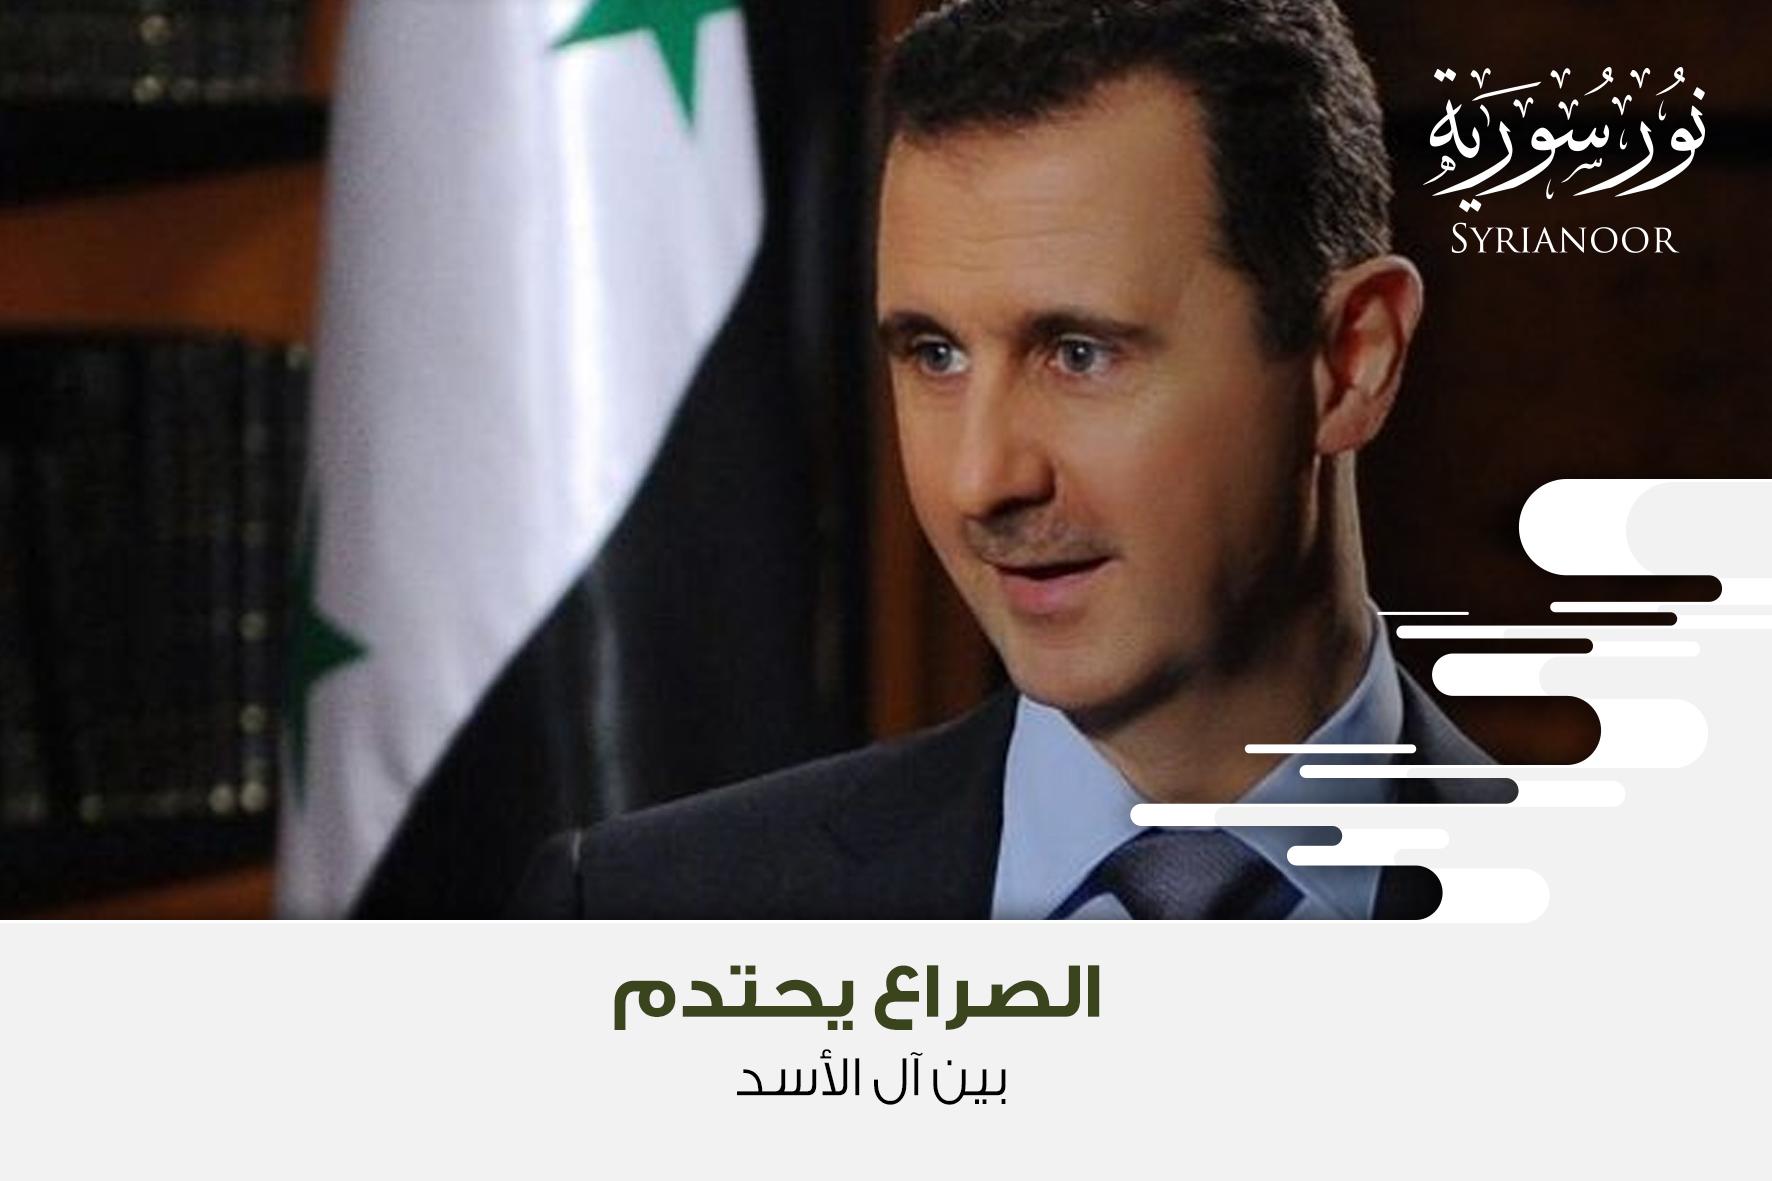 الصراع يحتدم بين آل الأسد